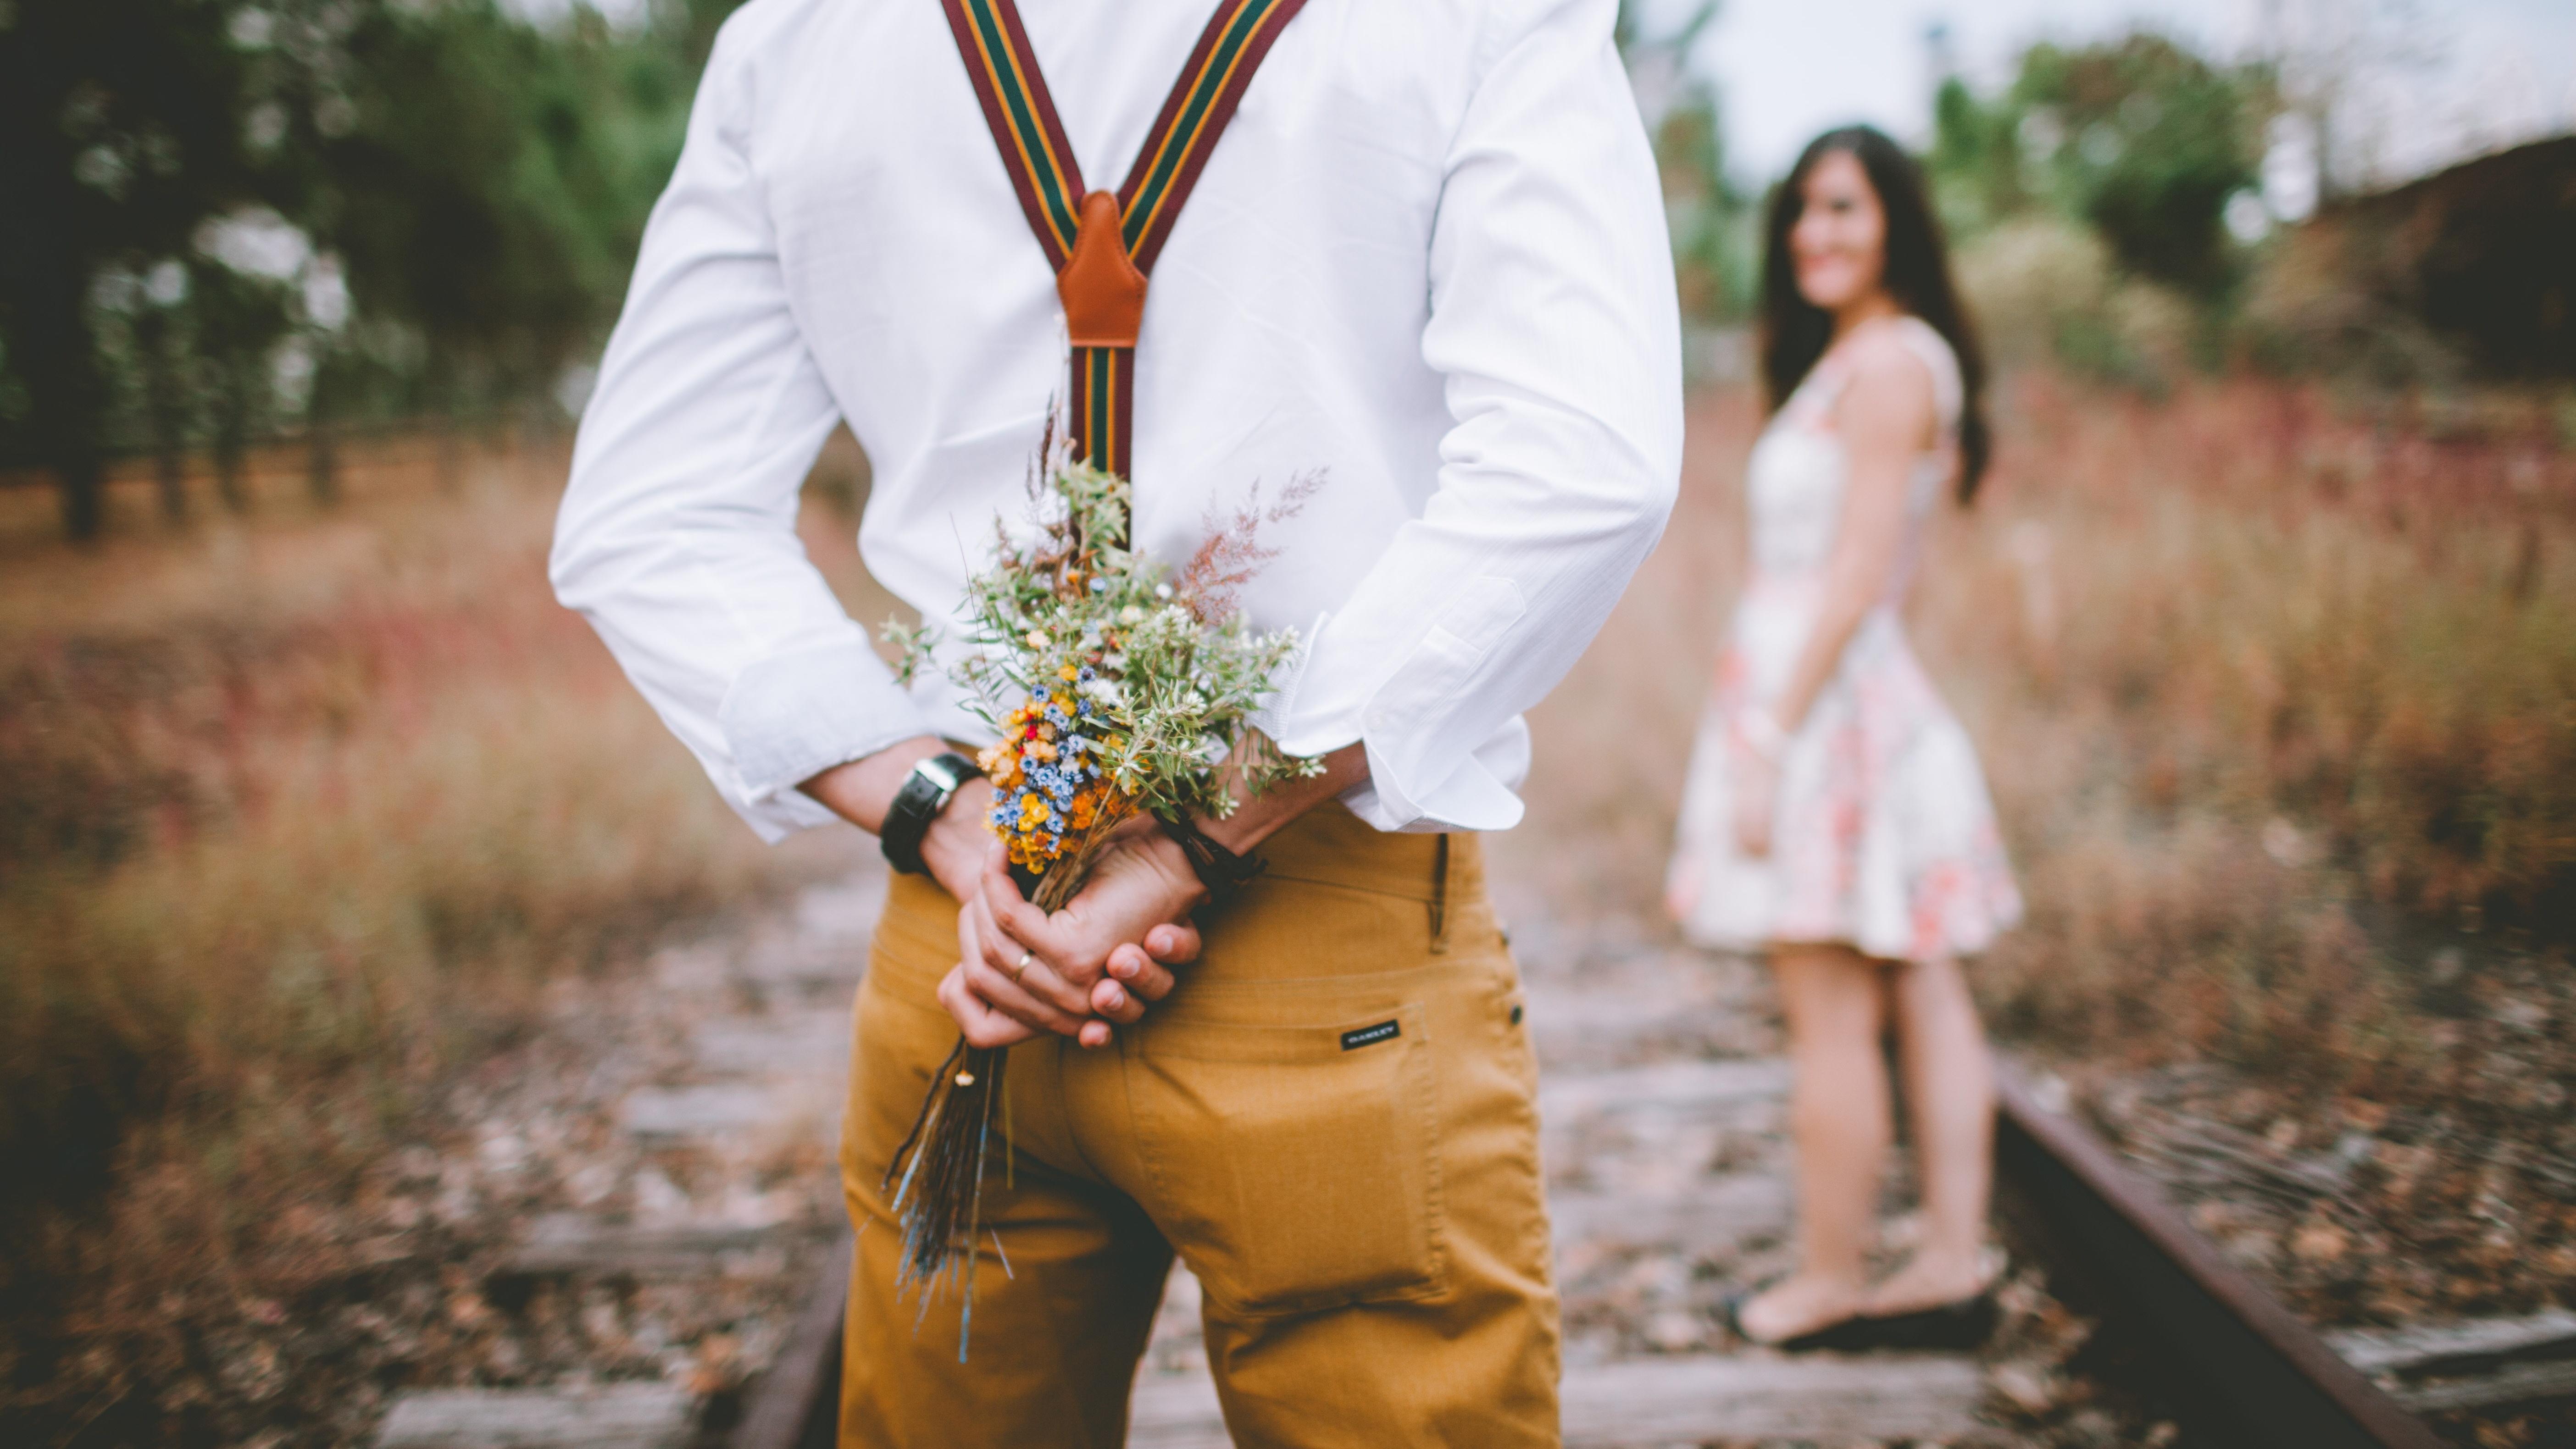 Mit etwas Kreativität lassen sich eine Vielzahl an origineller Heiratsanträge finden.